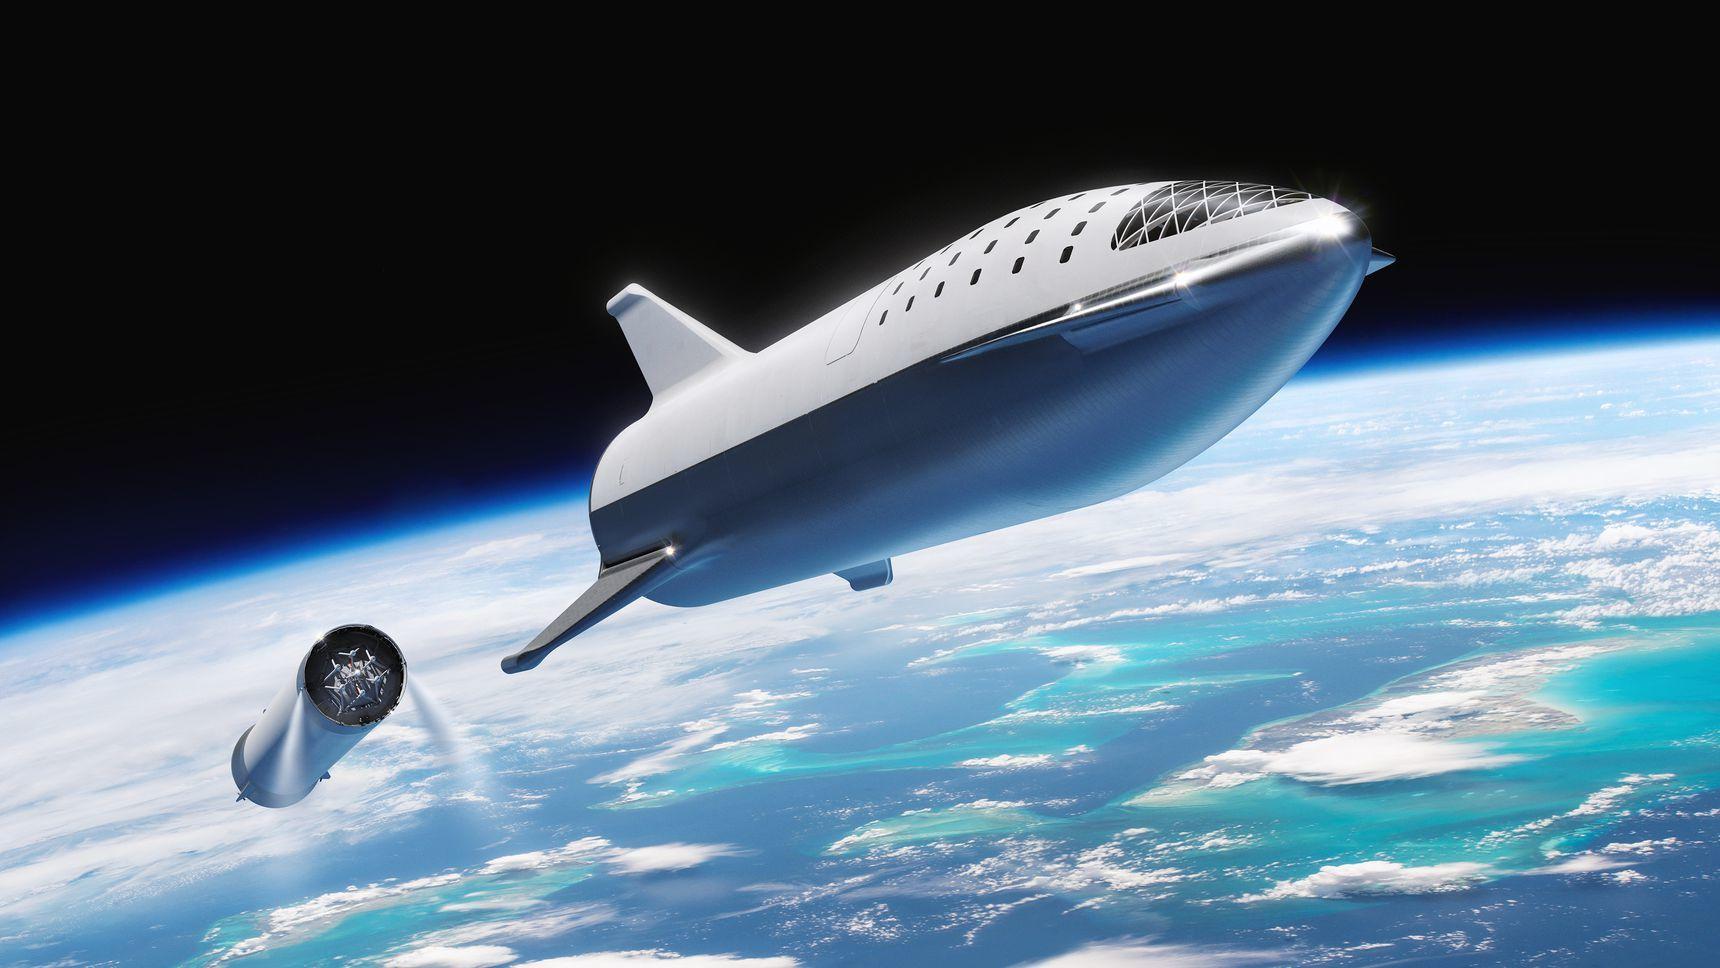 日本富豪要拍真人秀征女友:一起进行绕月飞行